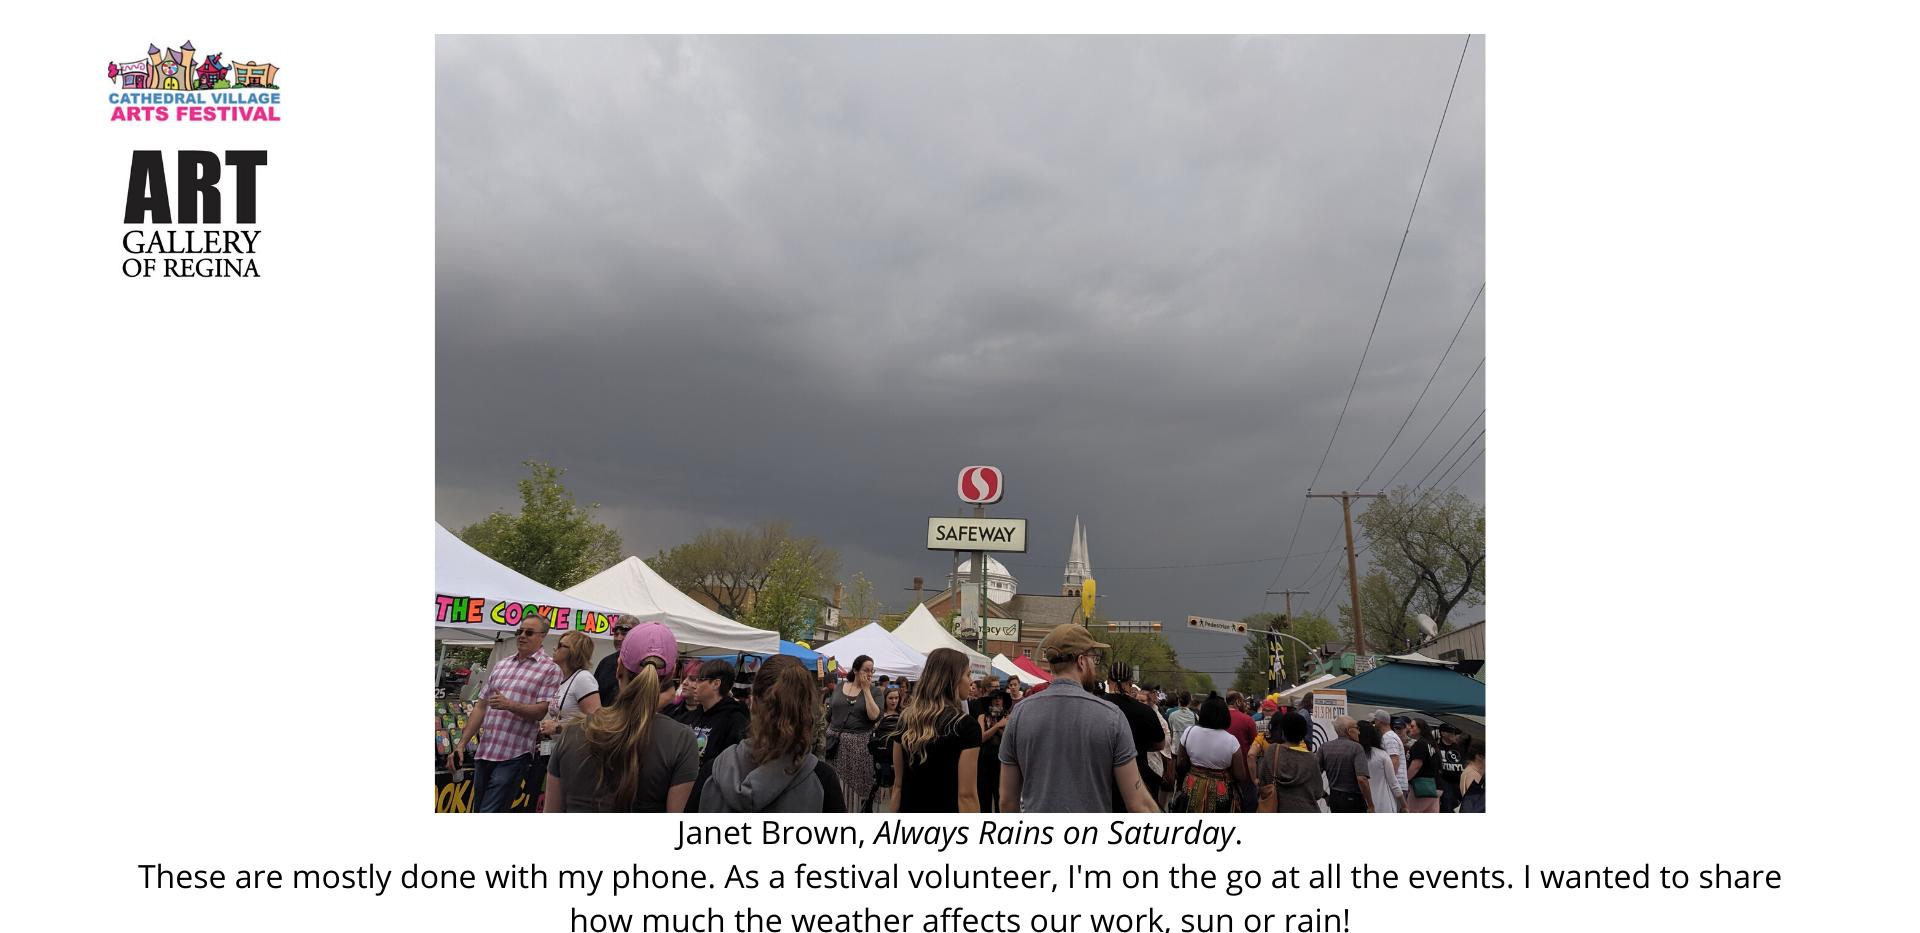 Janet Brown, Always Rains on Saturday.